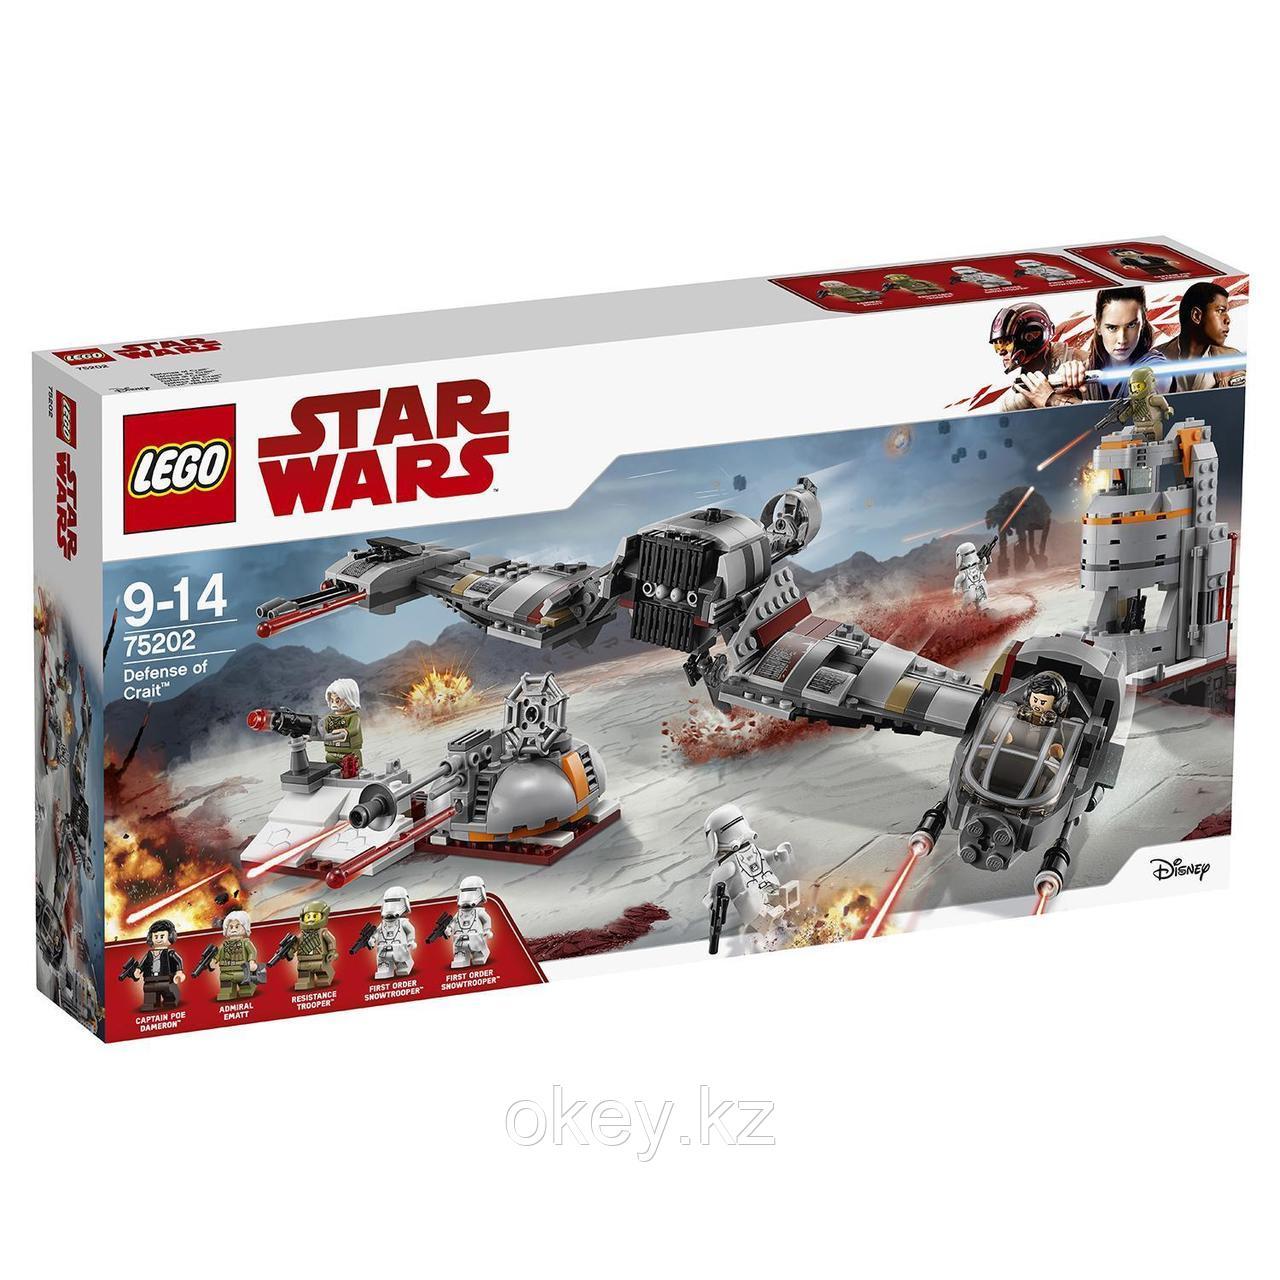 LEGO Star Wars: Защита Крайта 75202